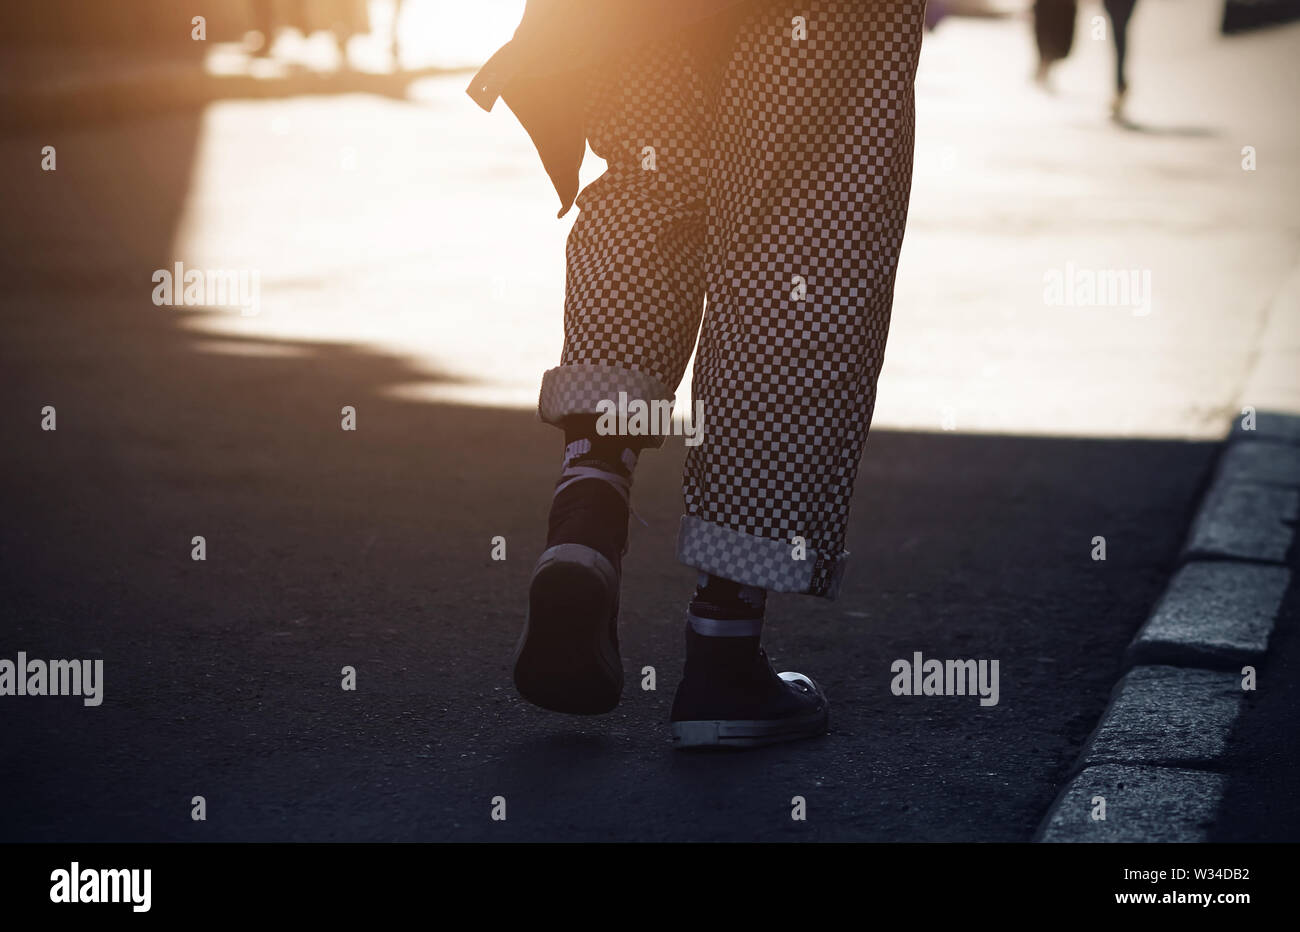 Weite Hosen Stockfotos & Weite Hosen Bilder Alamy